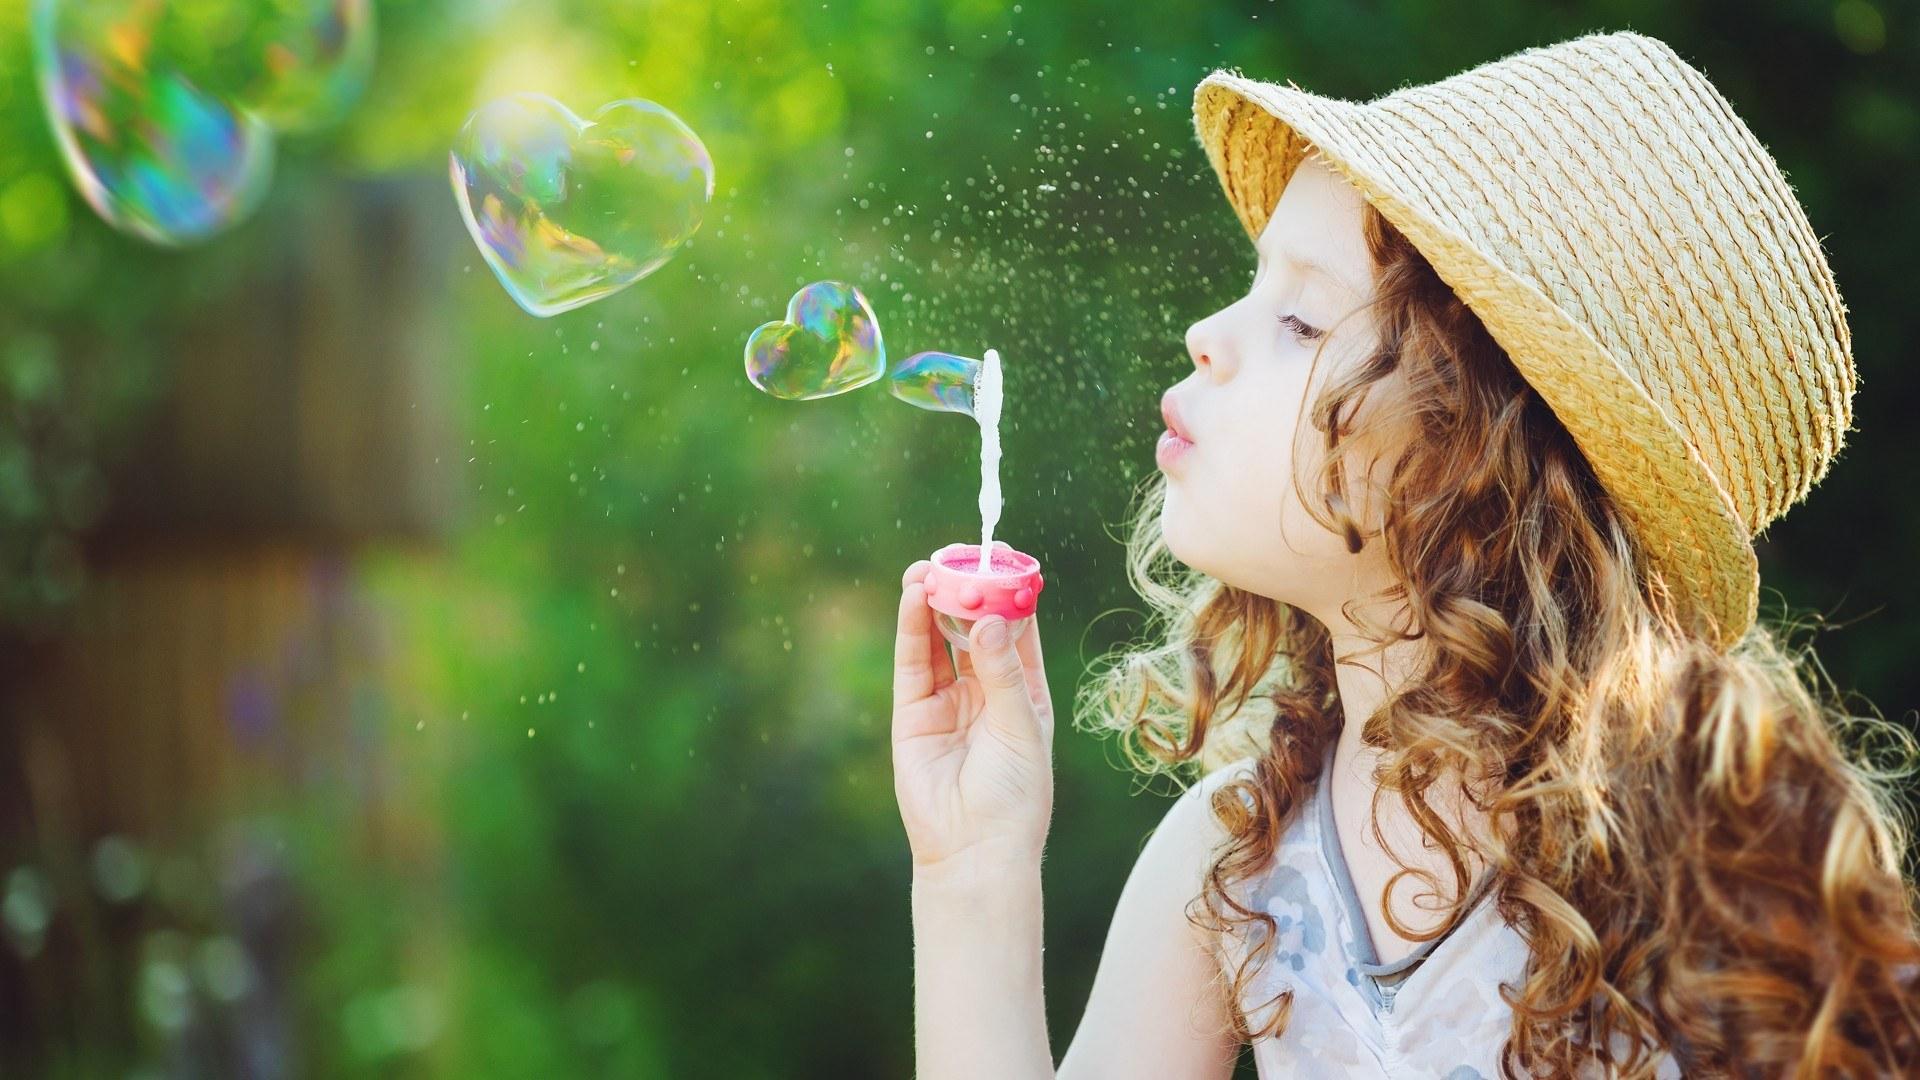 сделать мыльные пузыри своими руками